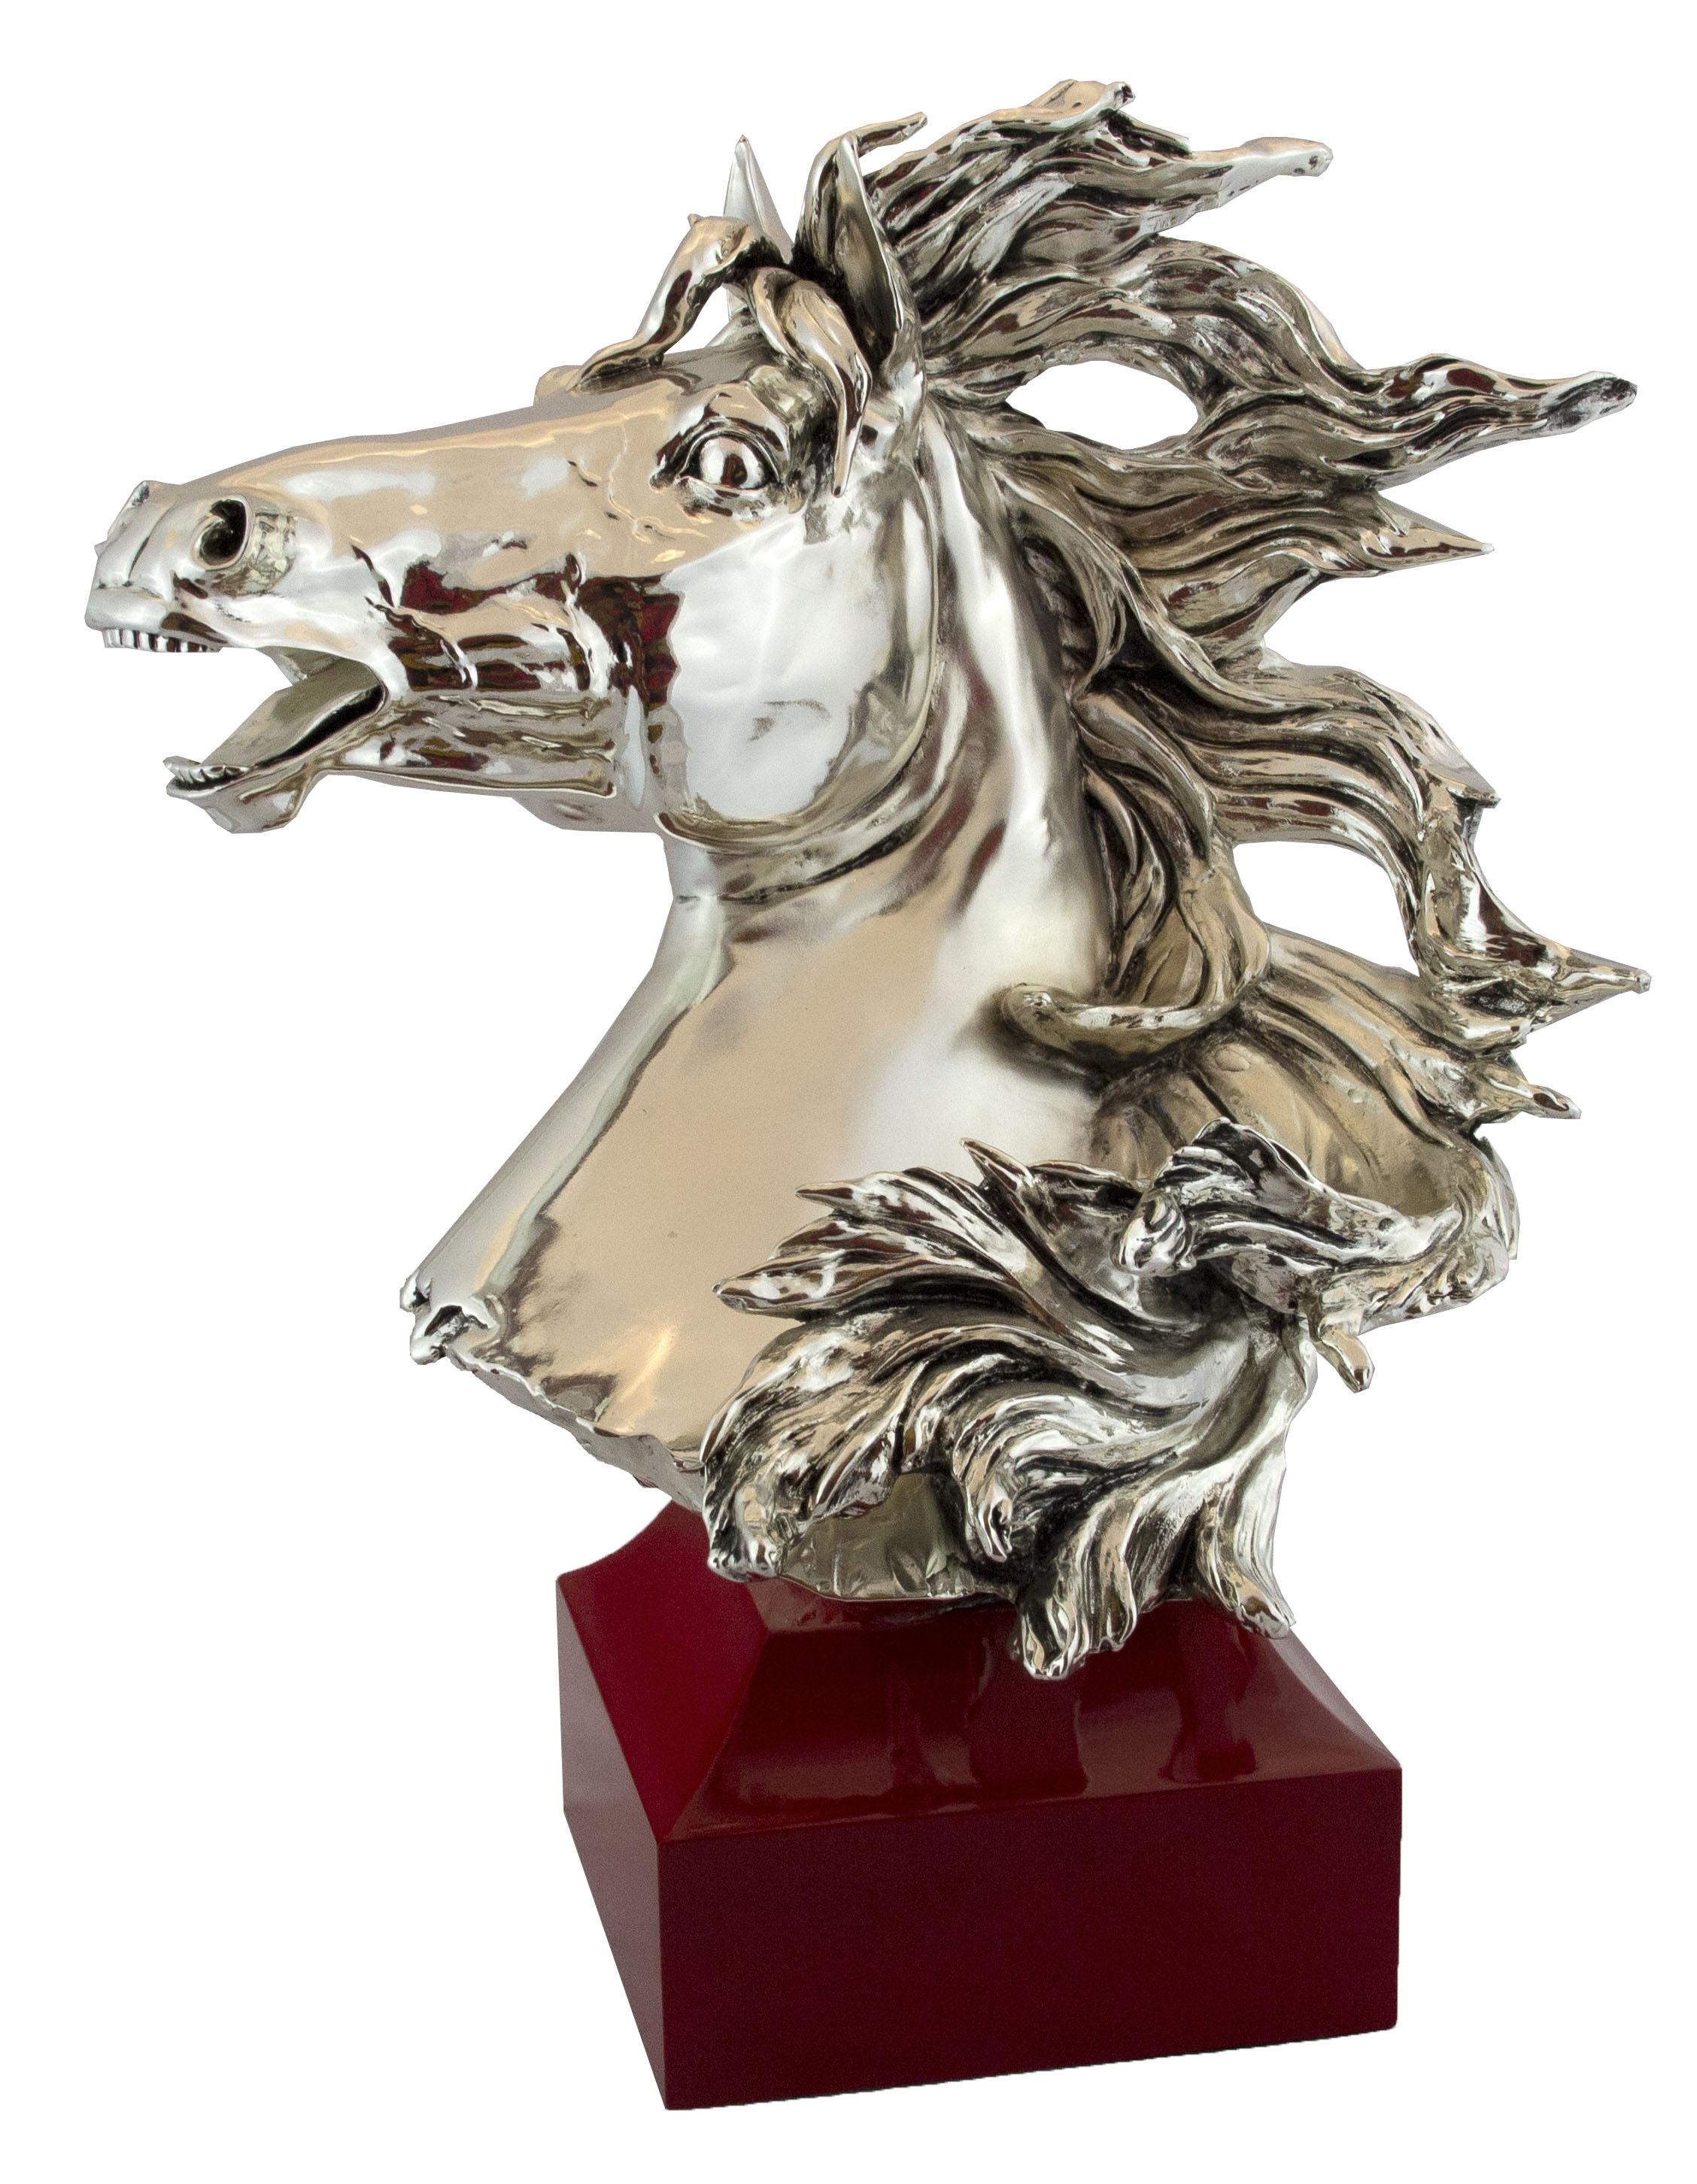 Horse Emblem on Red Base